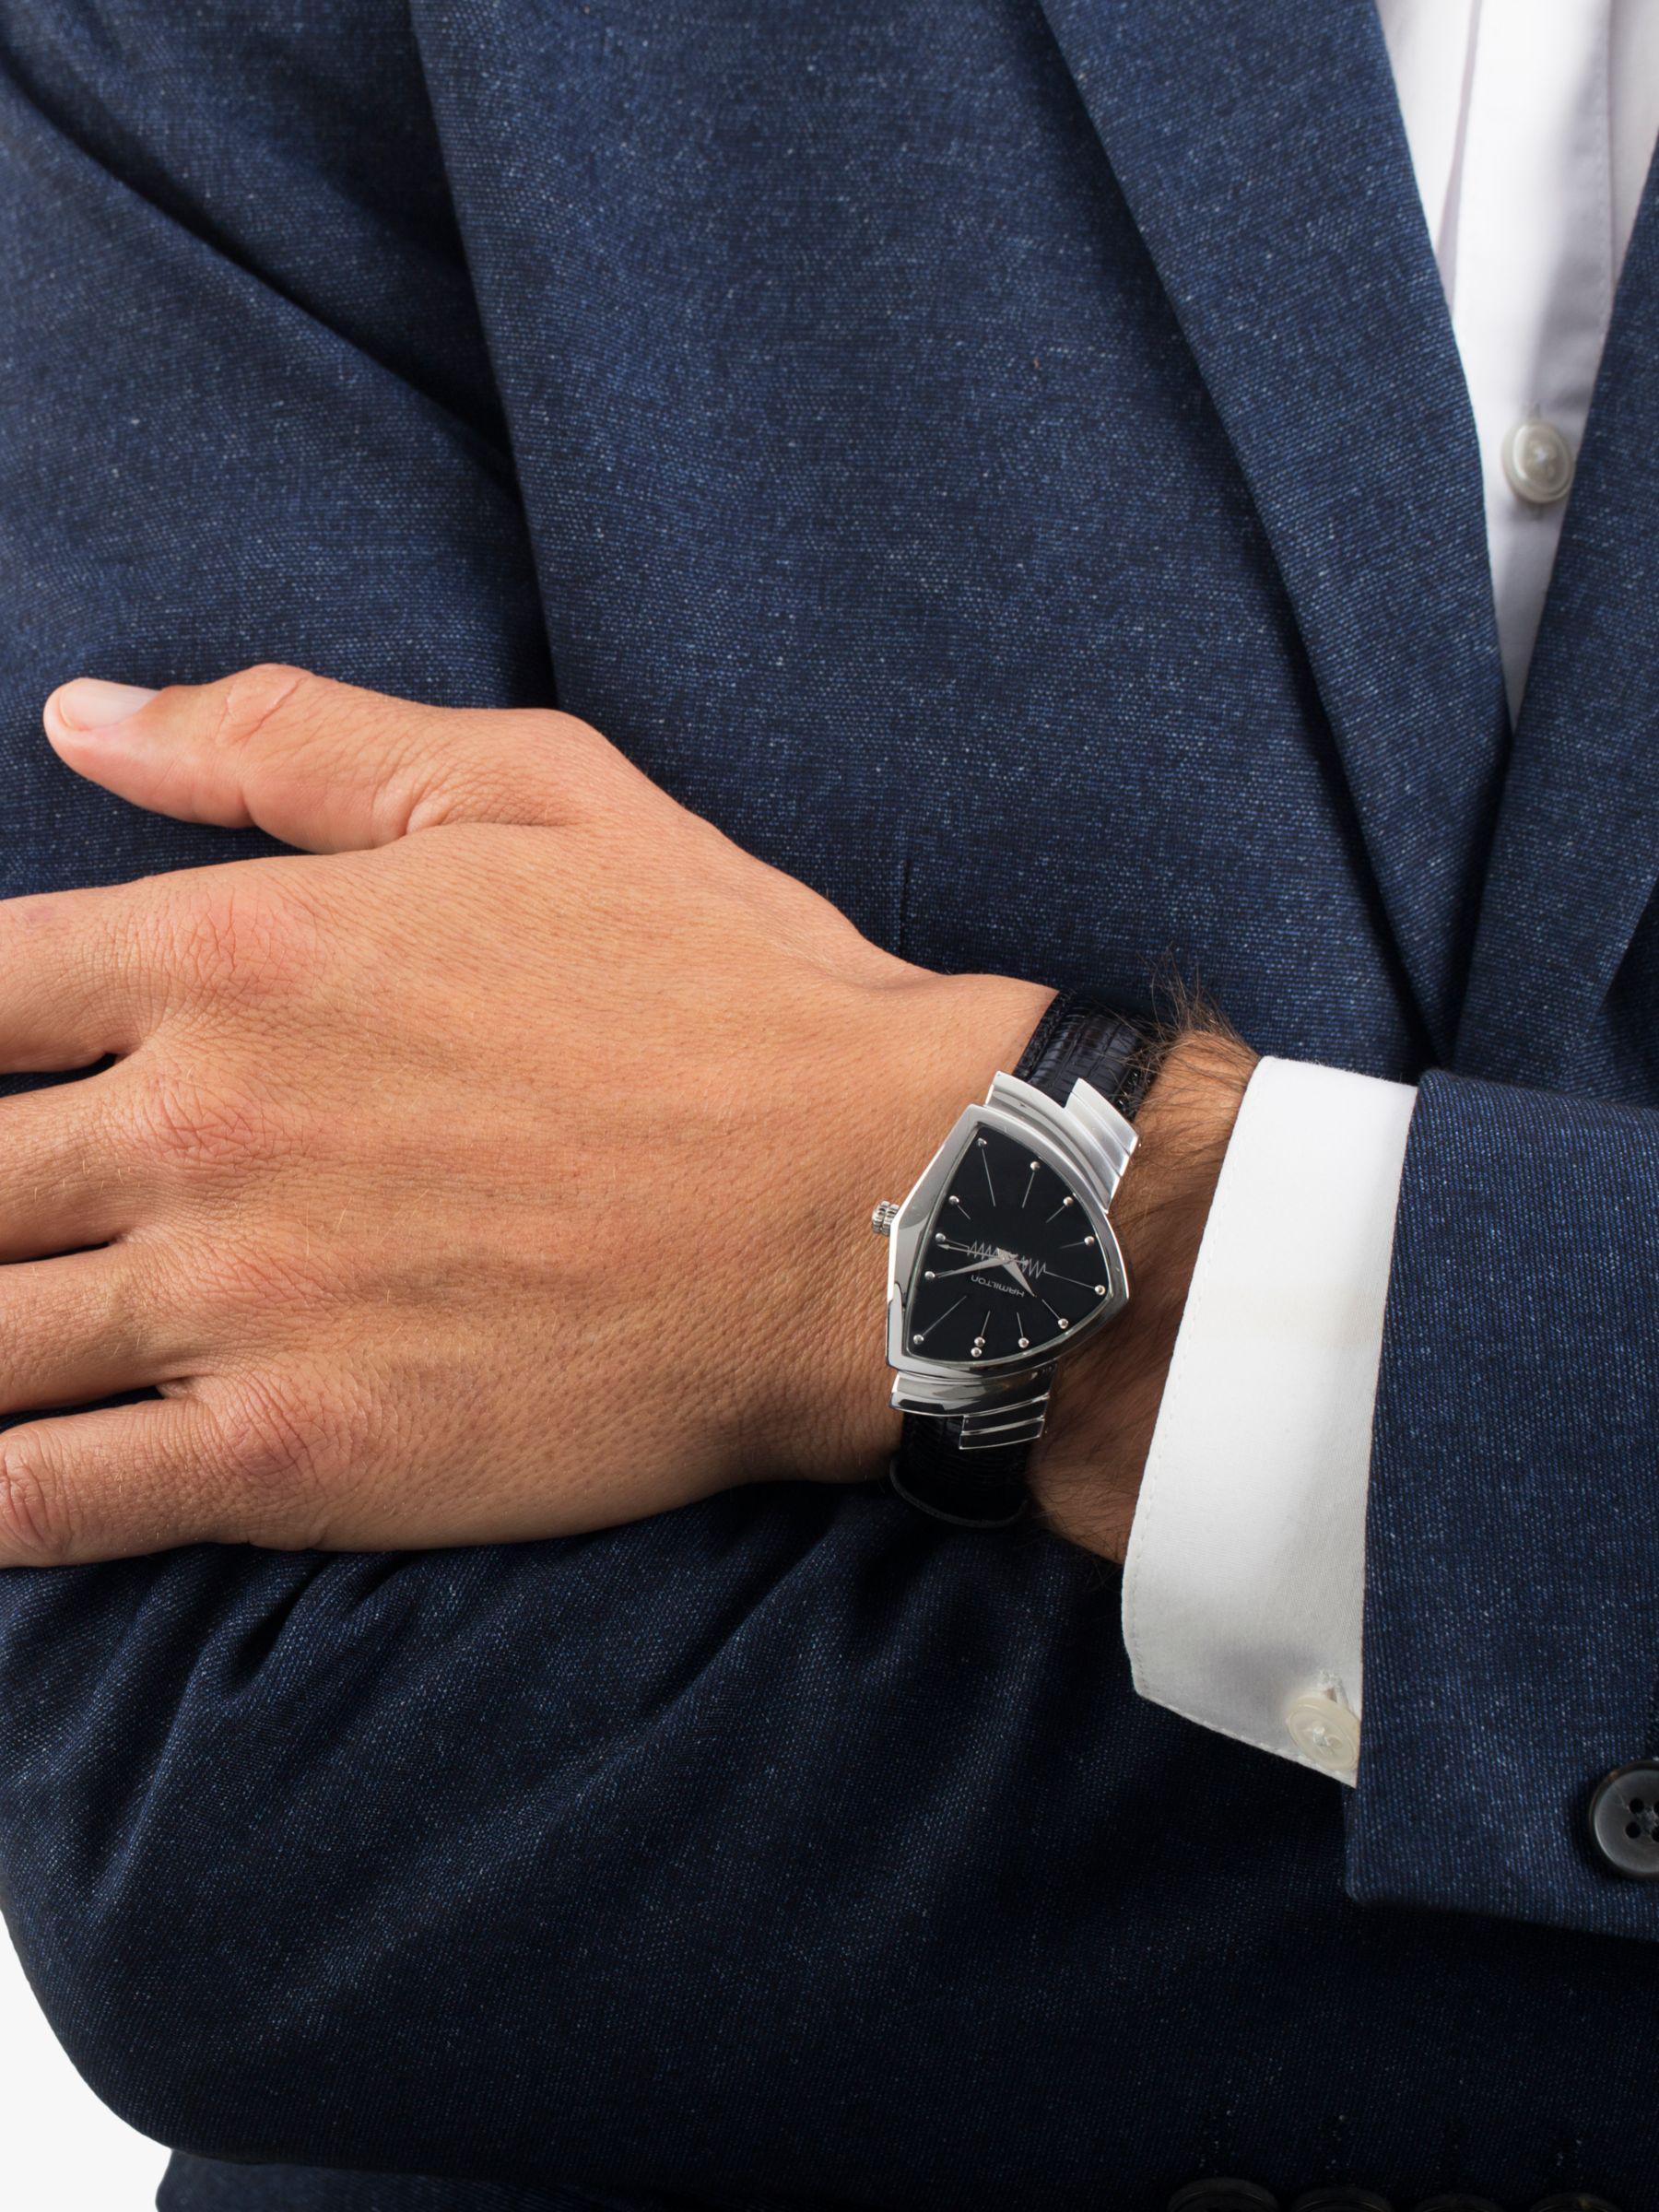 3db8fd5818e Hamilton H24411732 Men's Ventura Triangular Leather Strap Watch in ...